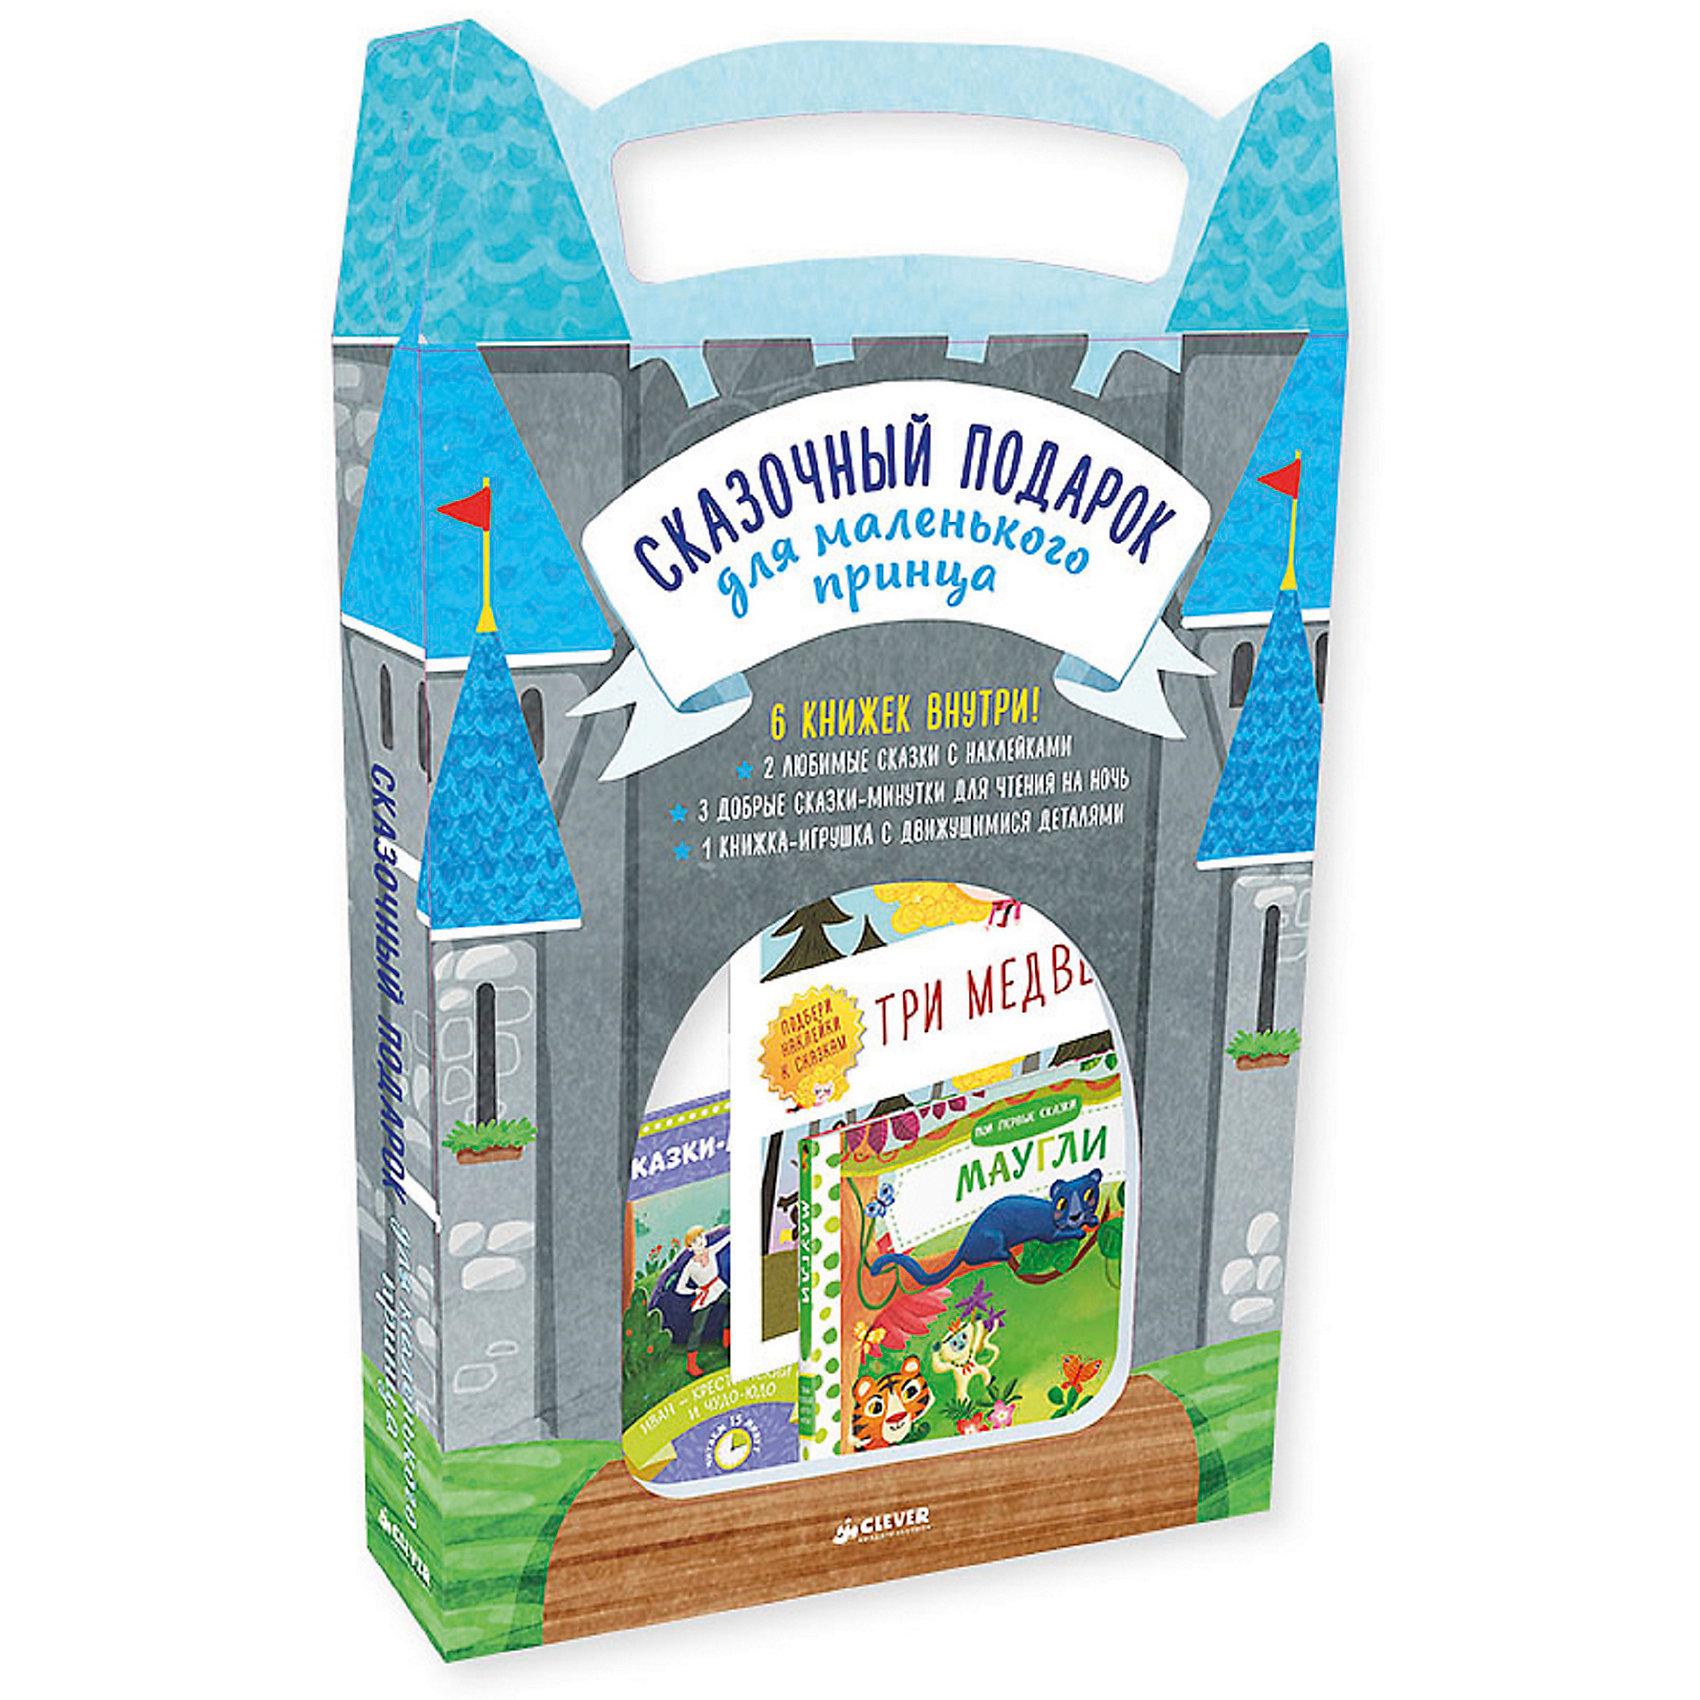 Чемодан Сказочный подарок для маленького принца, 6 книгСказки, рассказы, стихи<br>Характеристики товара:<br><br>• материал: бумага<br>• с наклейками, с подвижными элементами<br>• страниц: 152<br>• формат: 220x290 мм (60х90 1/8)<br>• офсетная бумага<br>• упаковка: чемоданчик<br>• комплектация: 6 книг <br>• содержание: Мальчик-с-пальчик. Три медведя, Иван-крестьянский сын, как муравьишка домой спешил, Серая шейка и Маугли<br>• цветные иллюстрации<br>• страна производства: Российская Федерация<br><br>В этом чемоданчике собраны интересные и поучительные сказки, которые дополнены красочными иллюстрациями. Эти сказки помогут родителям развлечь малыша и одновременно помочь ему развиваться. Специальные обозначения покажут, сколько времени у вас займет чтение той или иной сказки - пять, десять или пятнадцать минут. <br>Изделия очень качественно выполнены, обложка - красивая. Формат - удобный. Такой набор станет отличным подарком для ответственных родителей.<br><br>Издание Чемодан Сказочный подарок для маленького принца, 6 книг можно купить в нашем интернет-магазине.<br><br>Ширина мм: 284<br>Глубина мм: 214<br>Высота мм: 50<br>Вес г: 938<br>Возраст от месяцев: 48<br>Возраст до месяцев: 72<br>Пол: Мужской<br>Возраст: Детский<br>SKU: 5279318